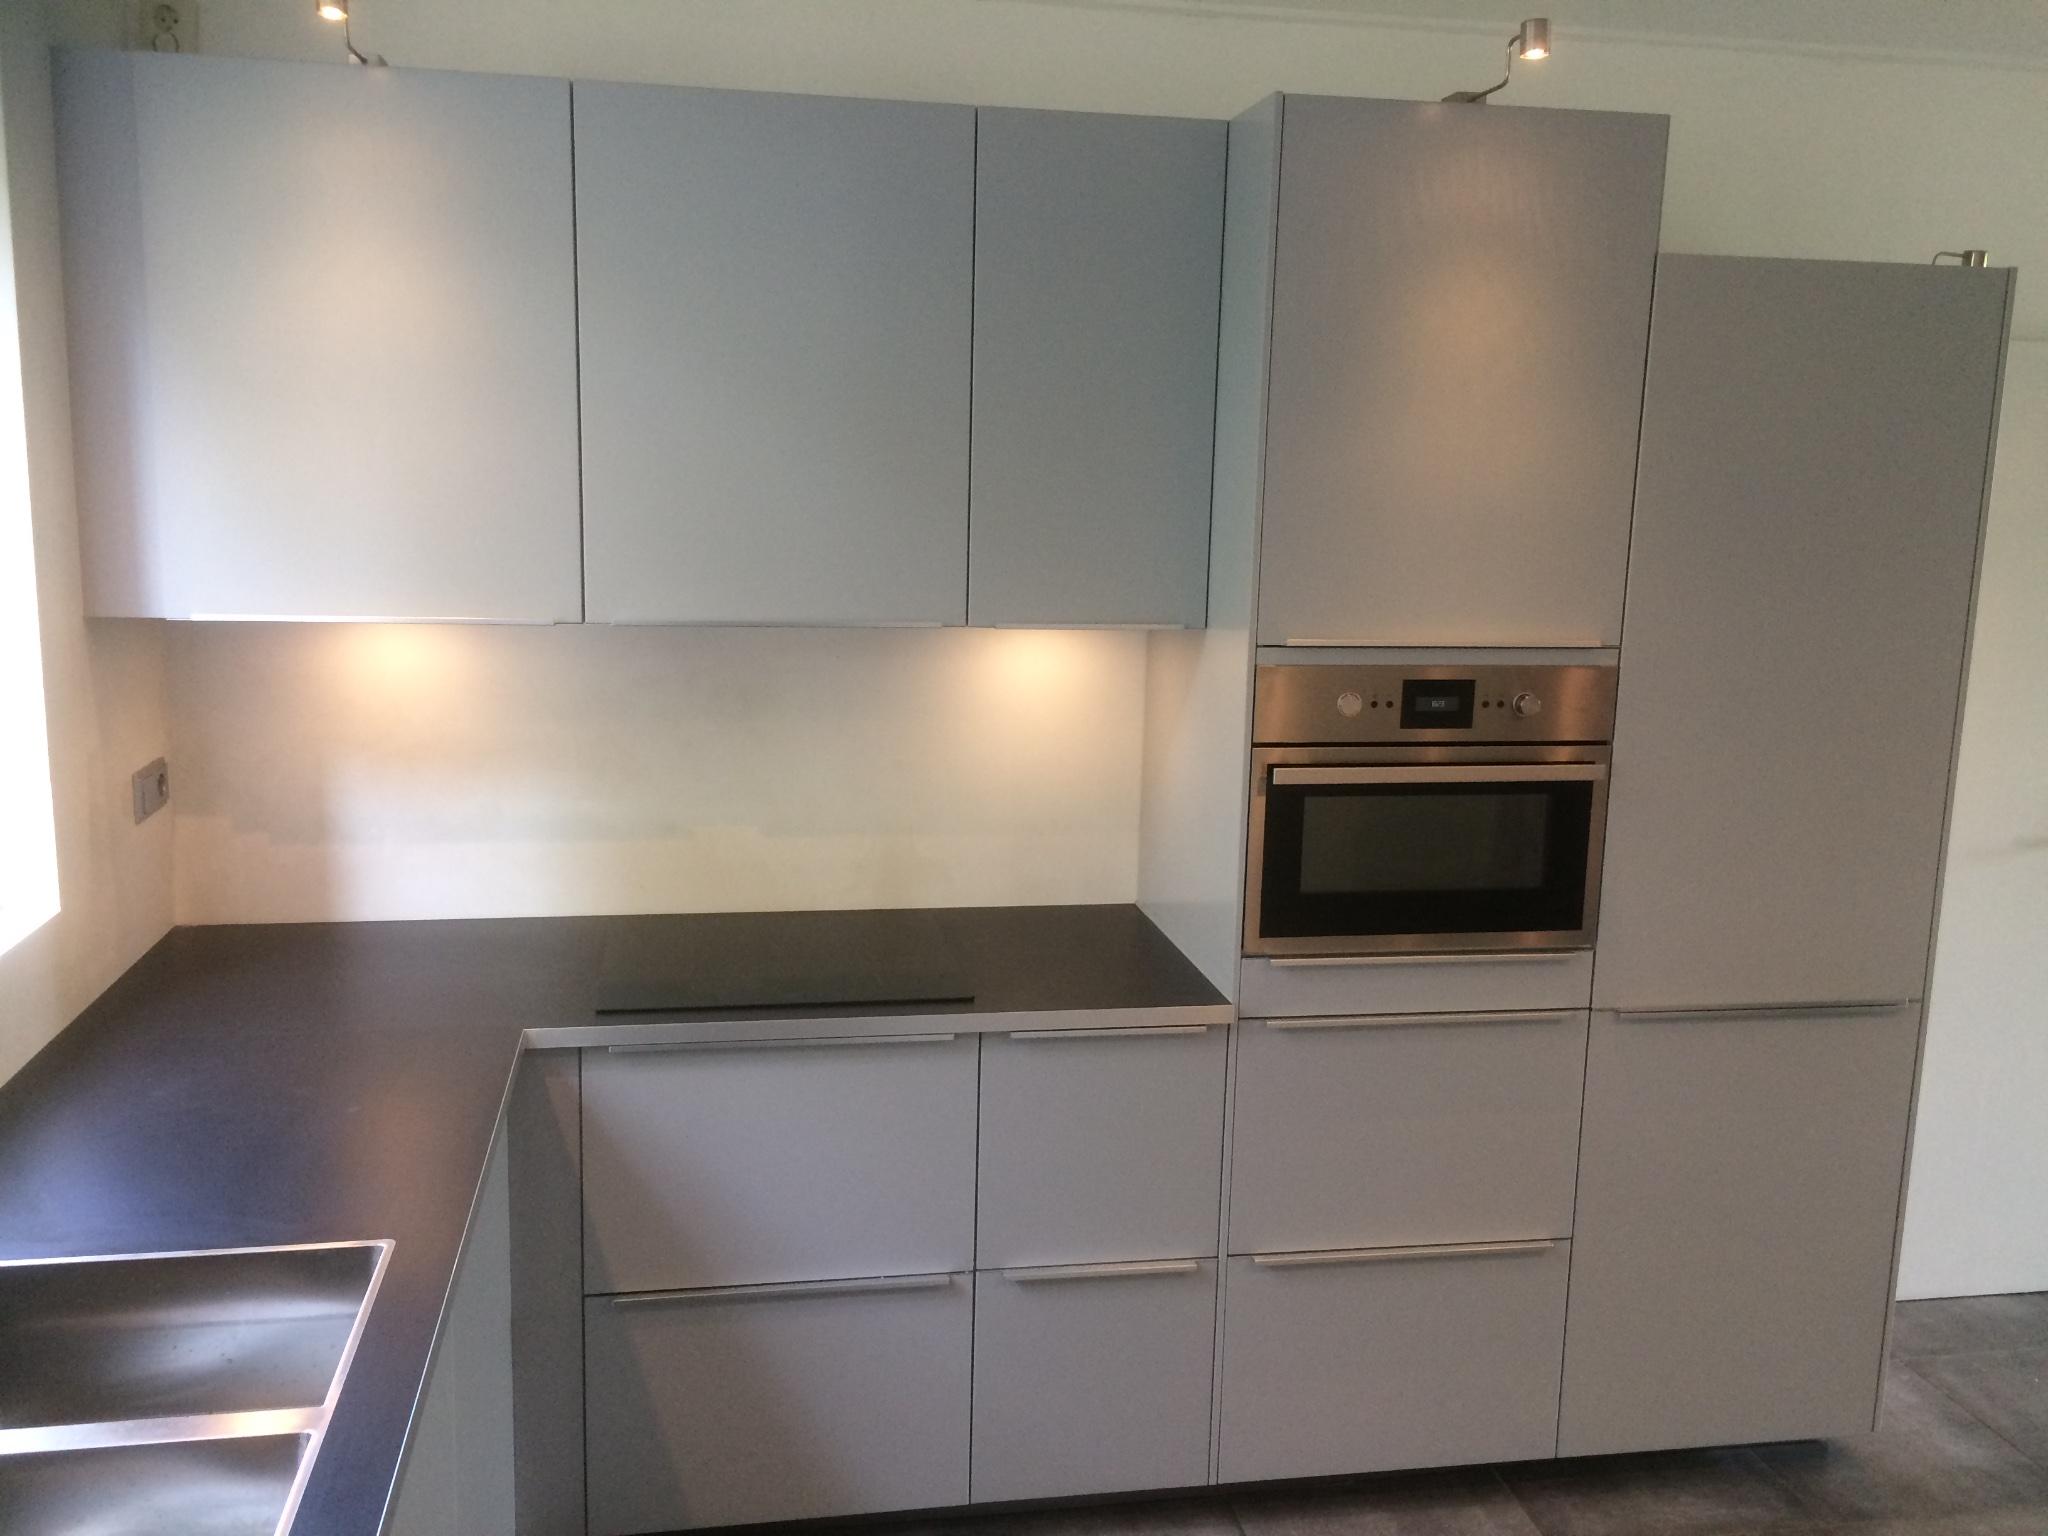 Ikea keuken plaatsen pijnacker marco rietdijk keukenmontage for Keuken samenstellen ikea